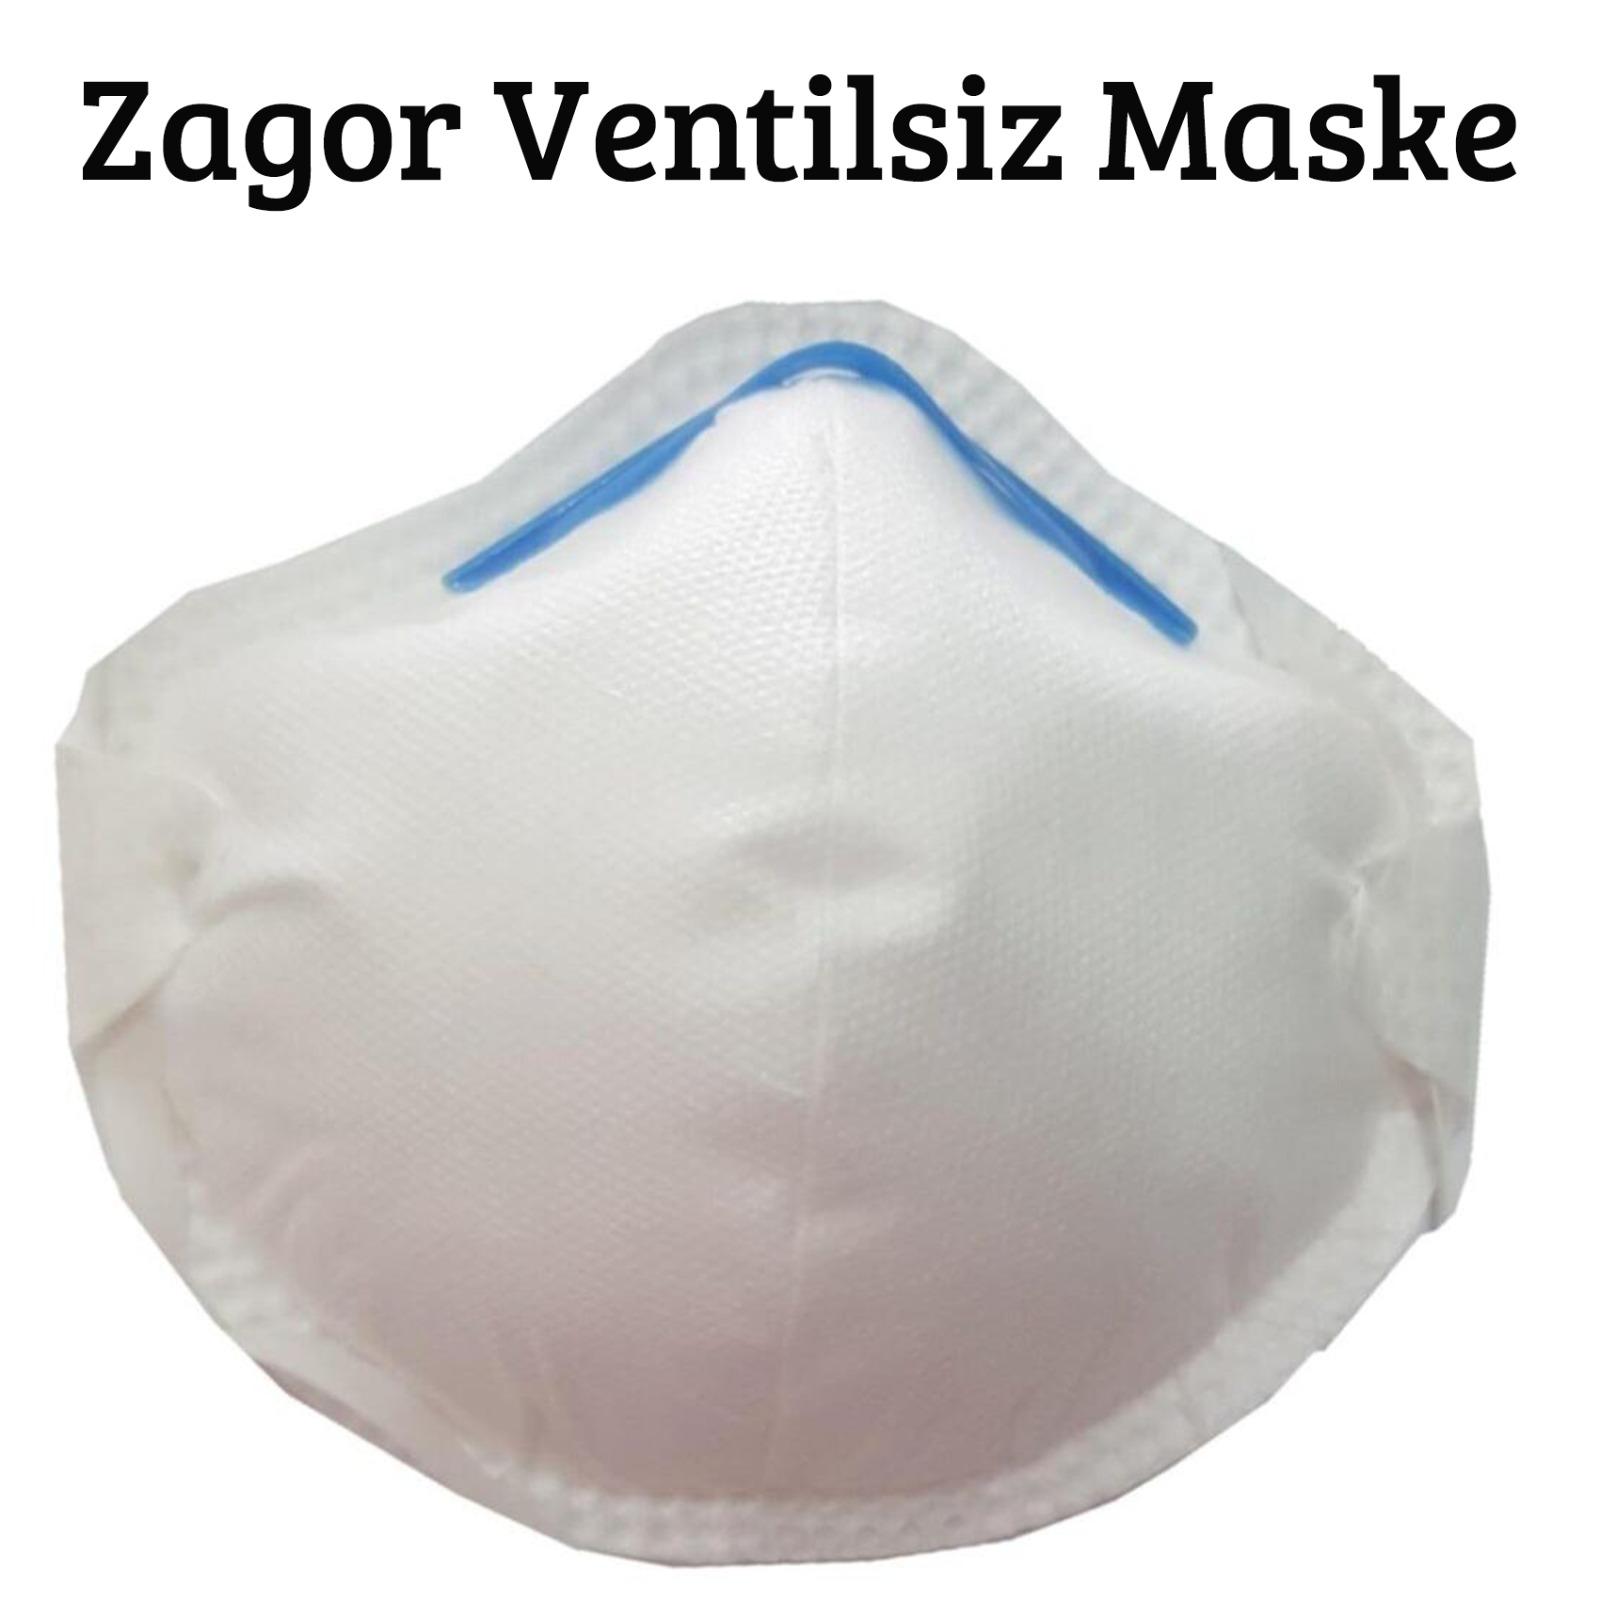 ZAGOR FFP2 MASK FOR SALE